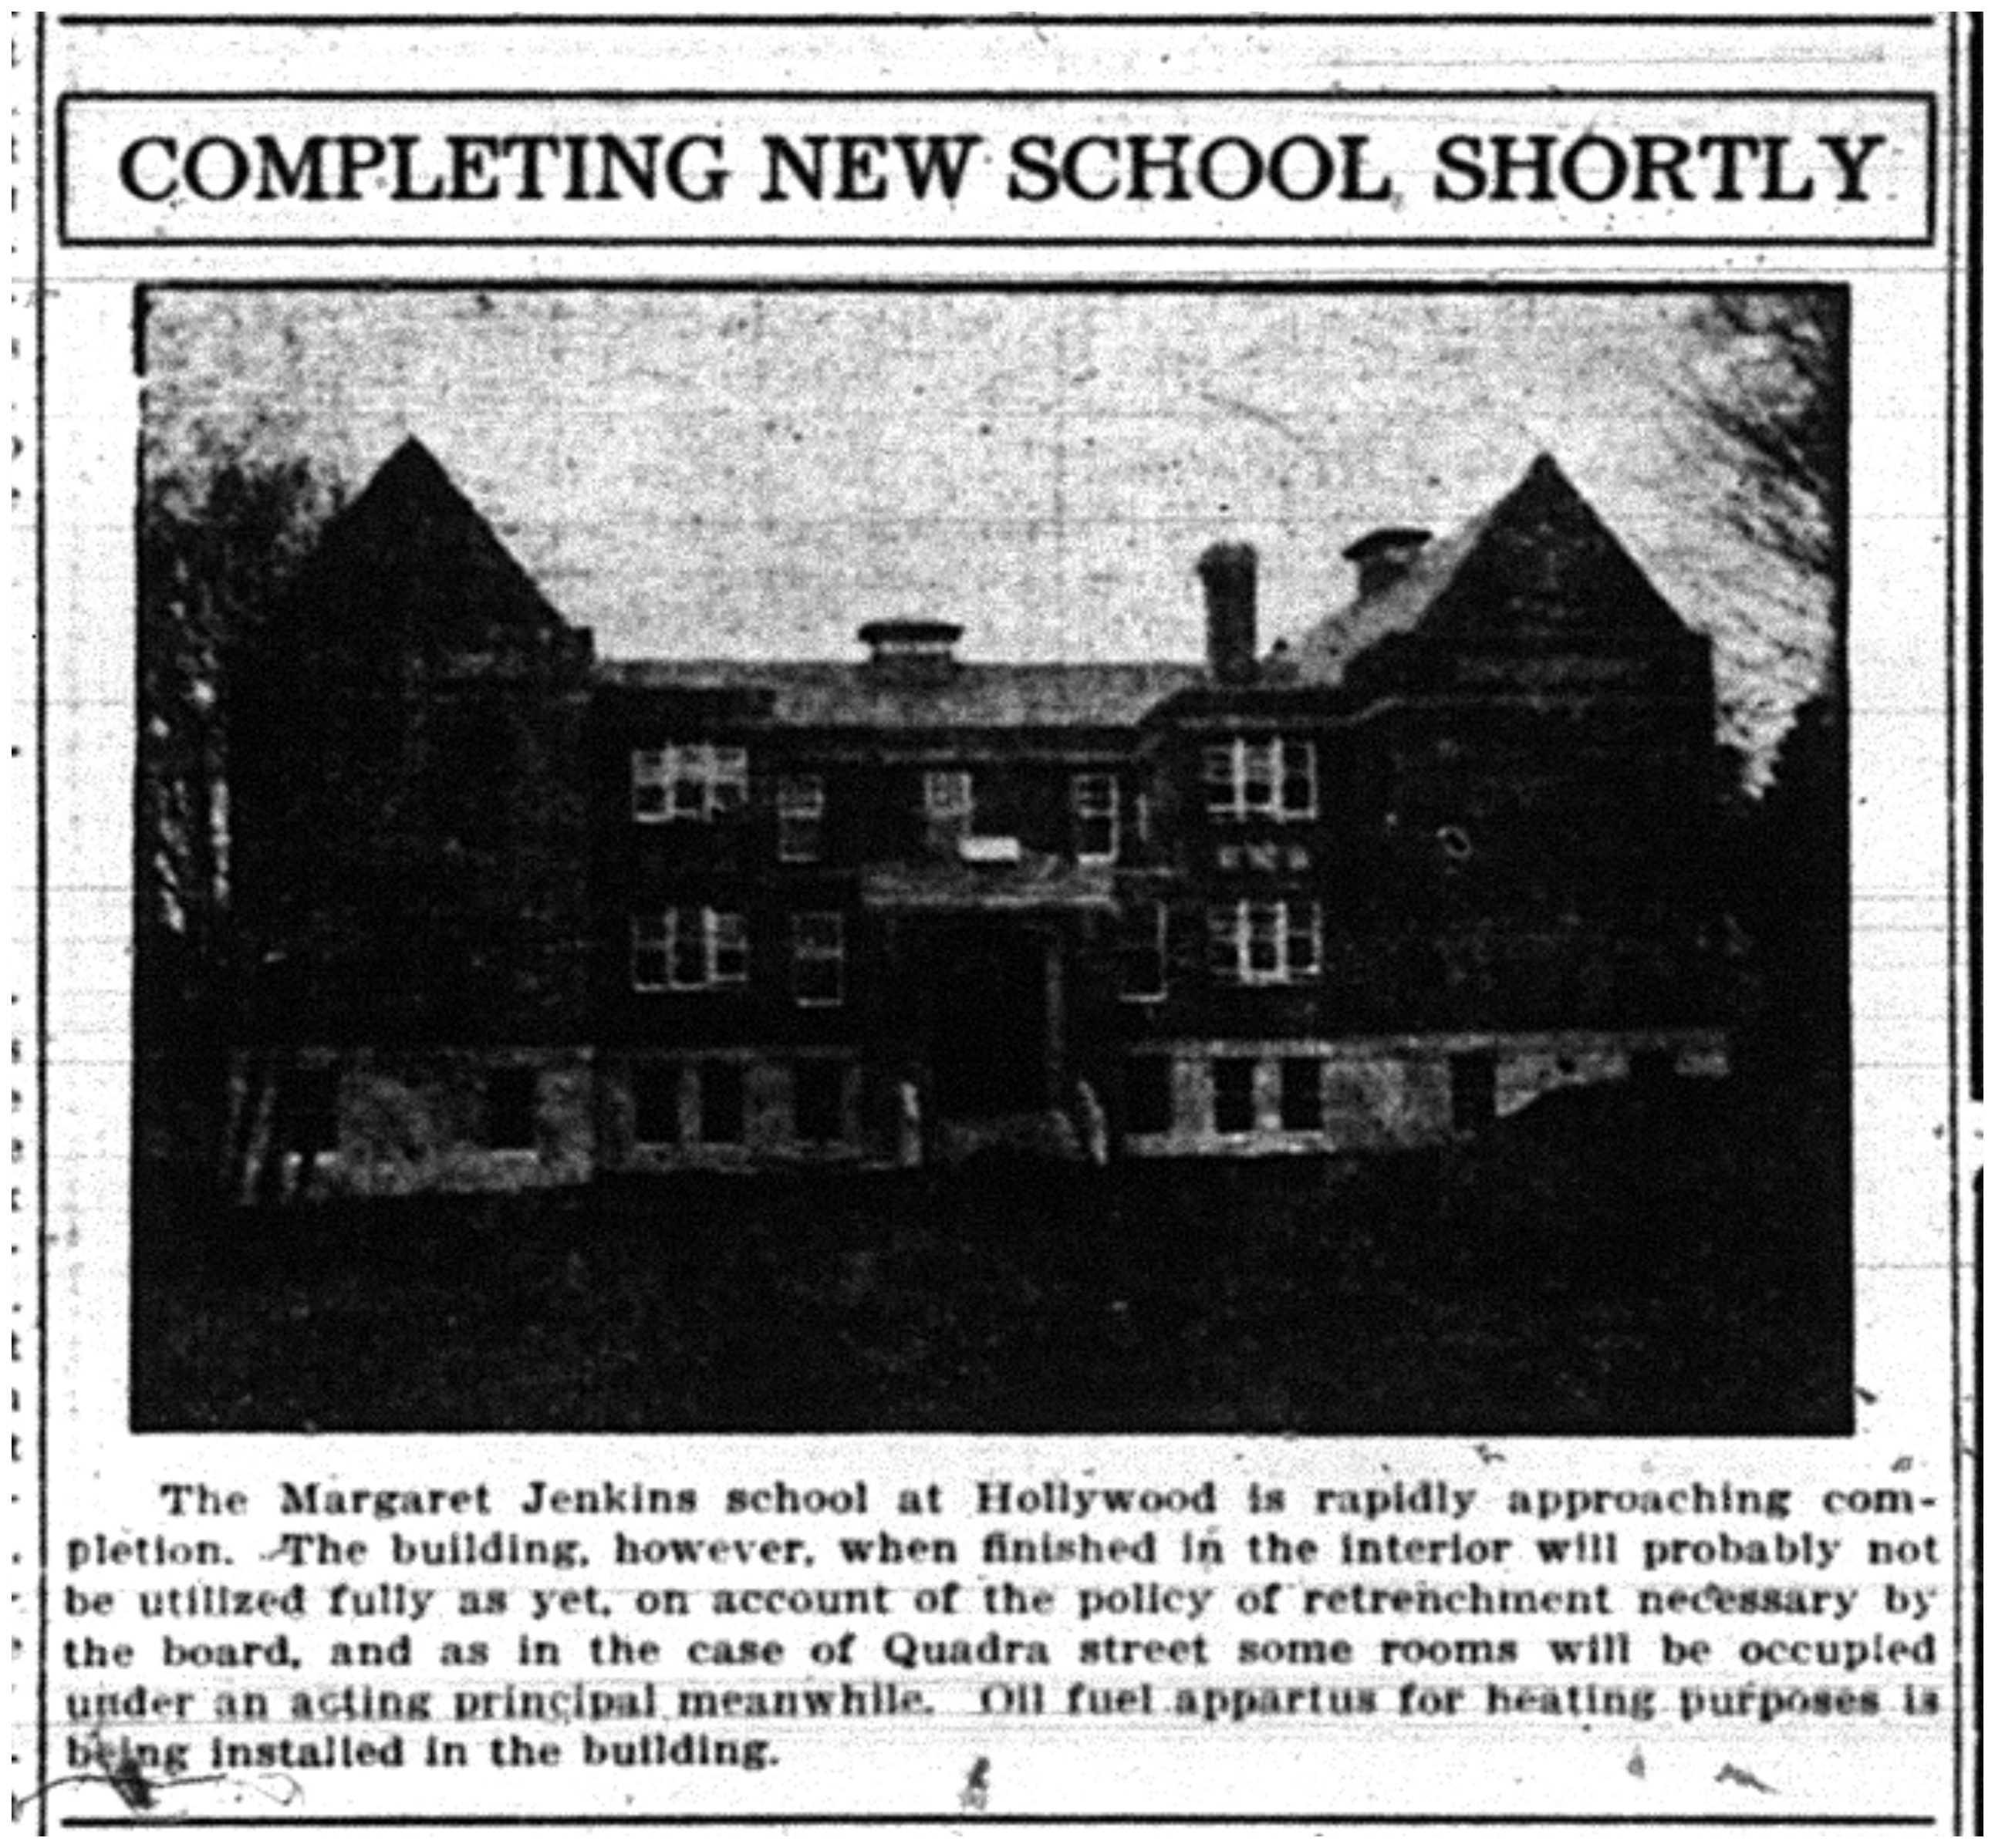 Margaret Jenkins School